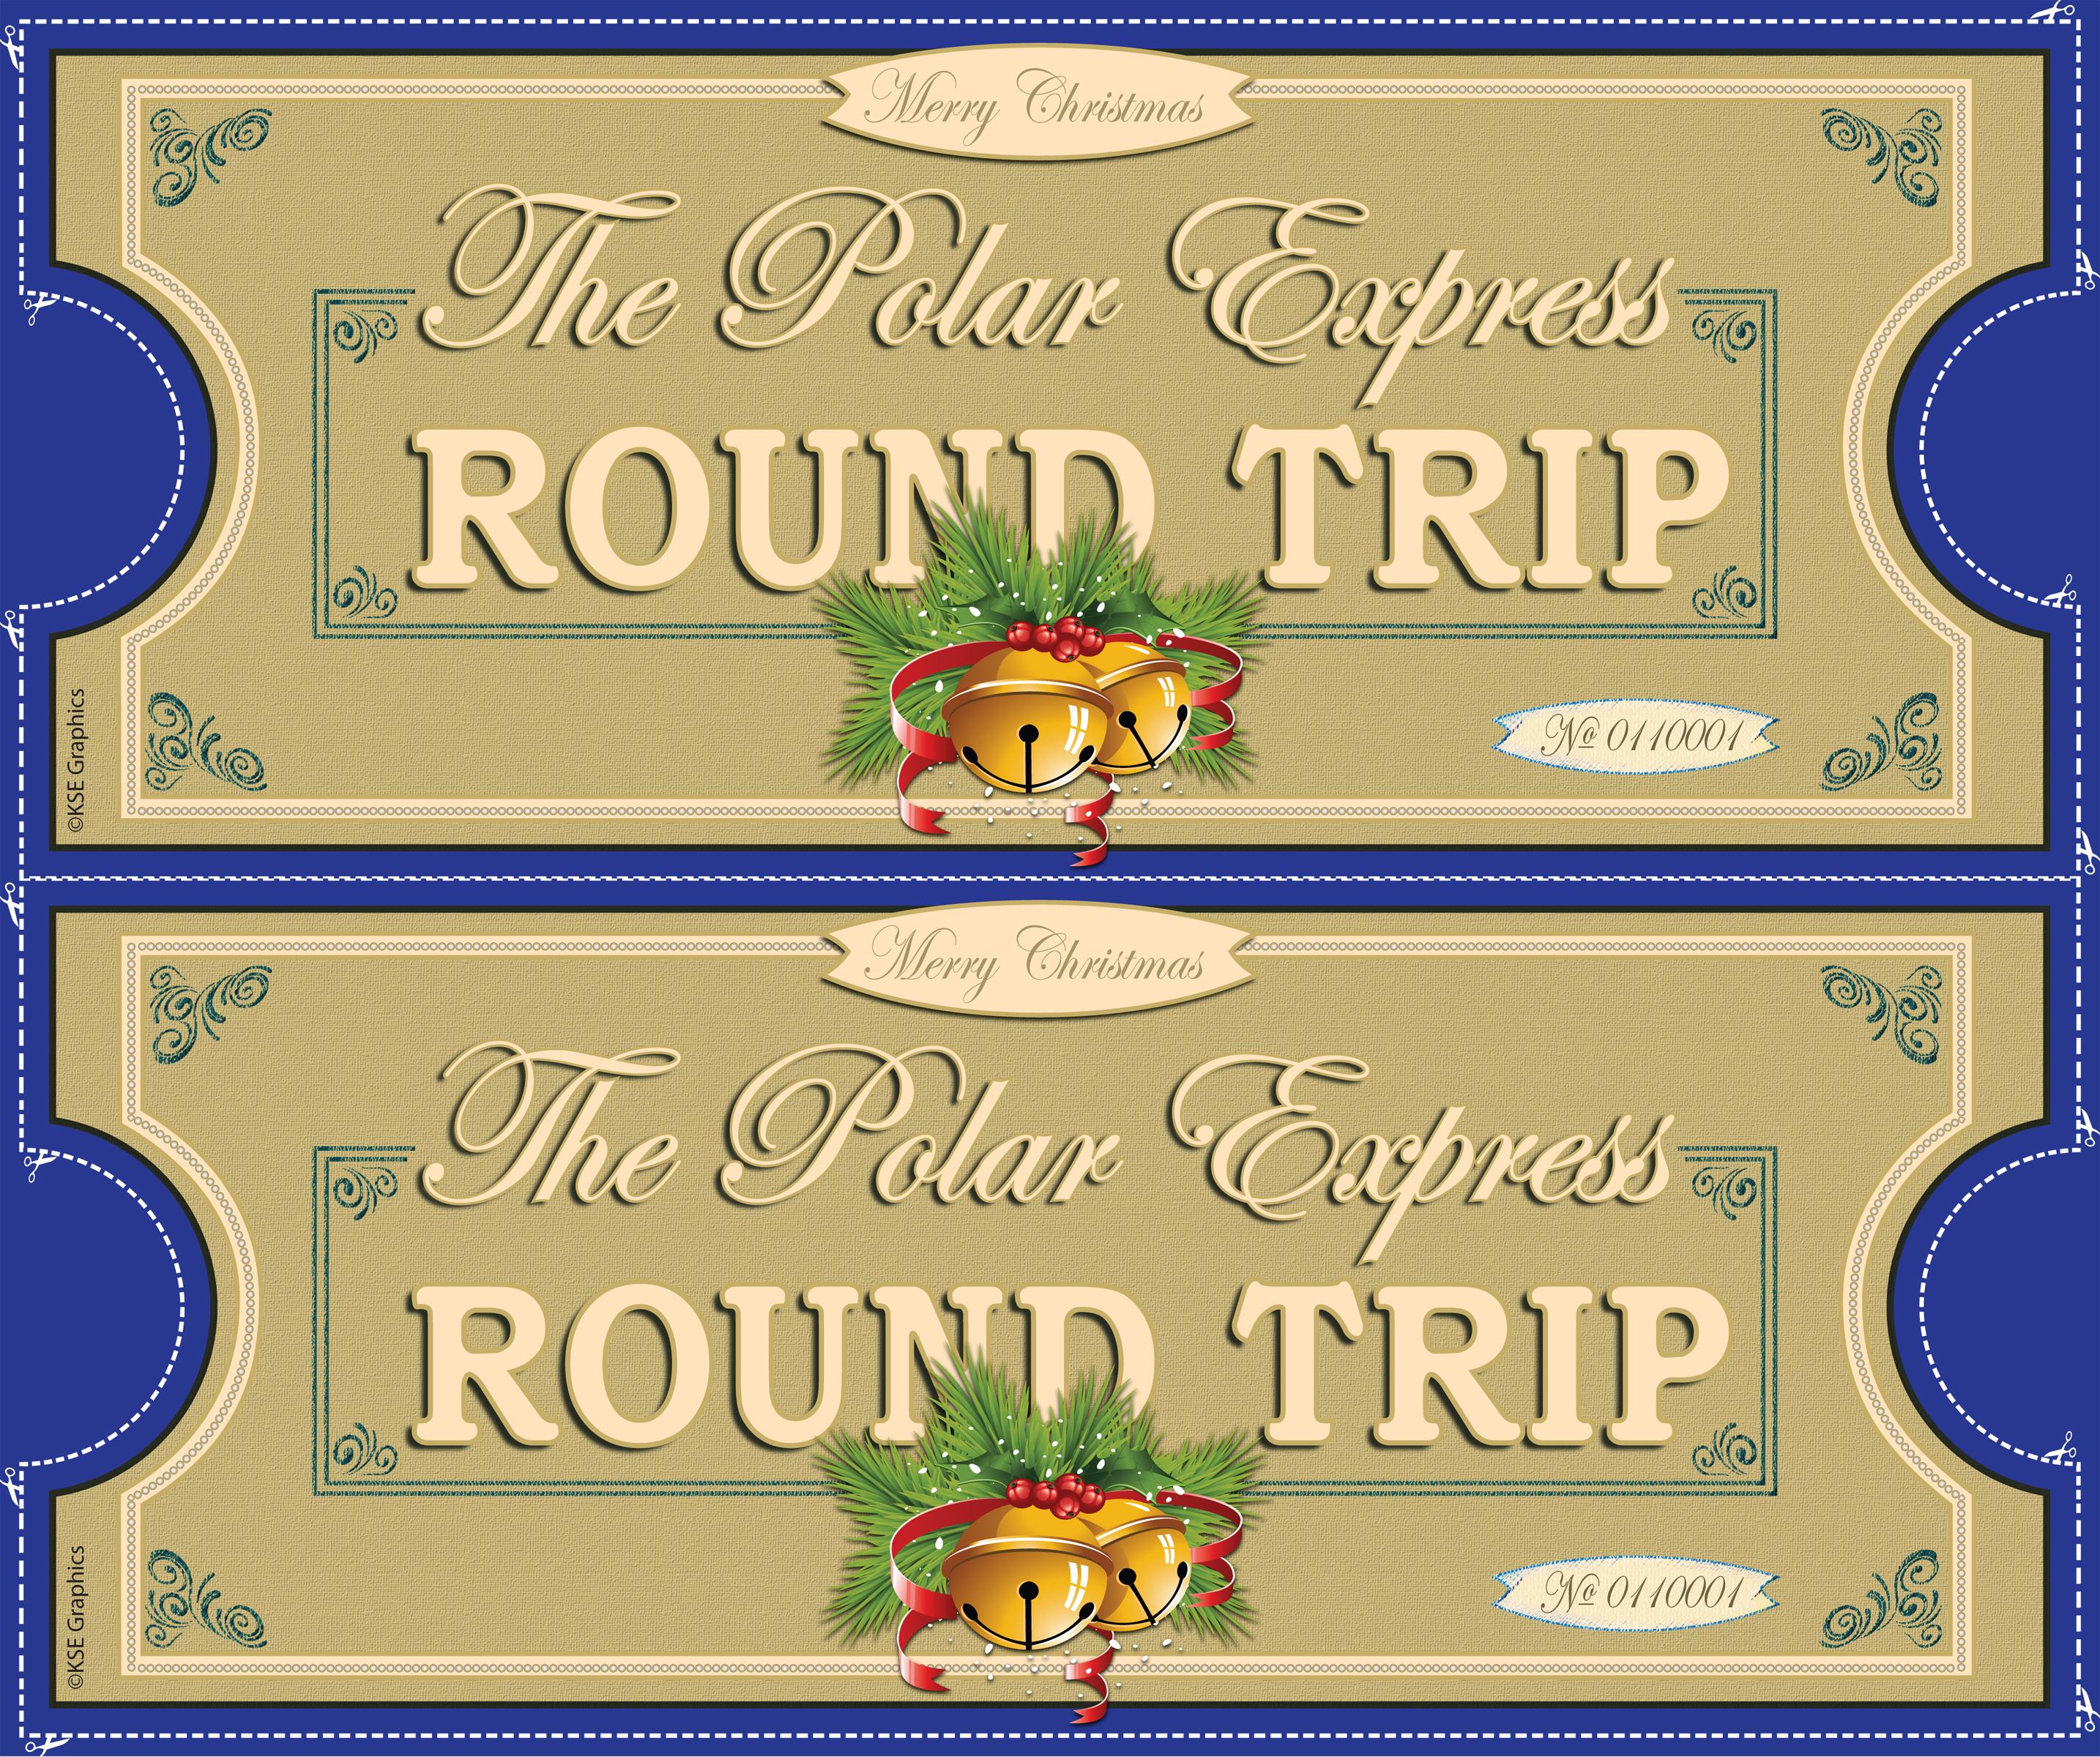 Polar express printable tickets for free new calendar for Polar express golden ticket template